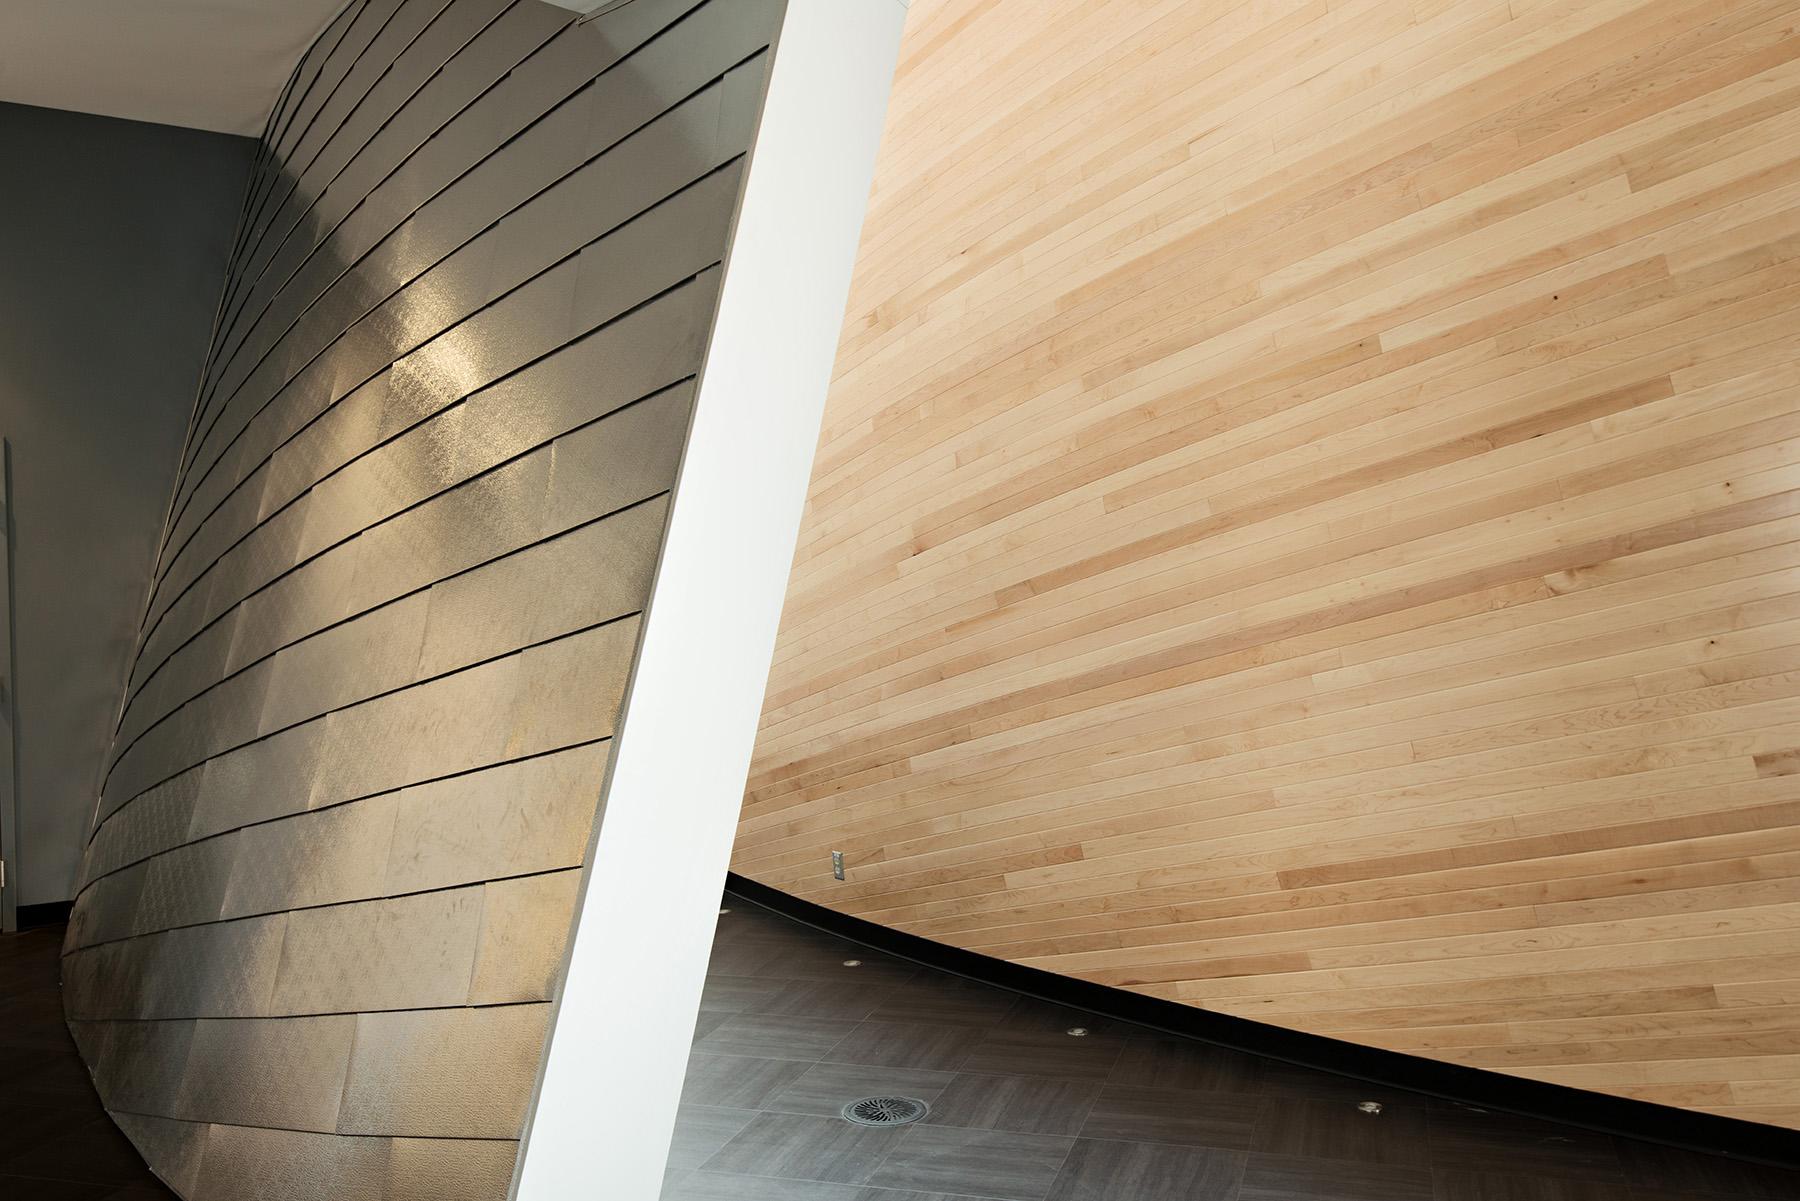 architectural-photography-montreal-planetarium-rio-tinto-alcan-009